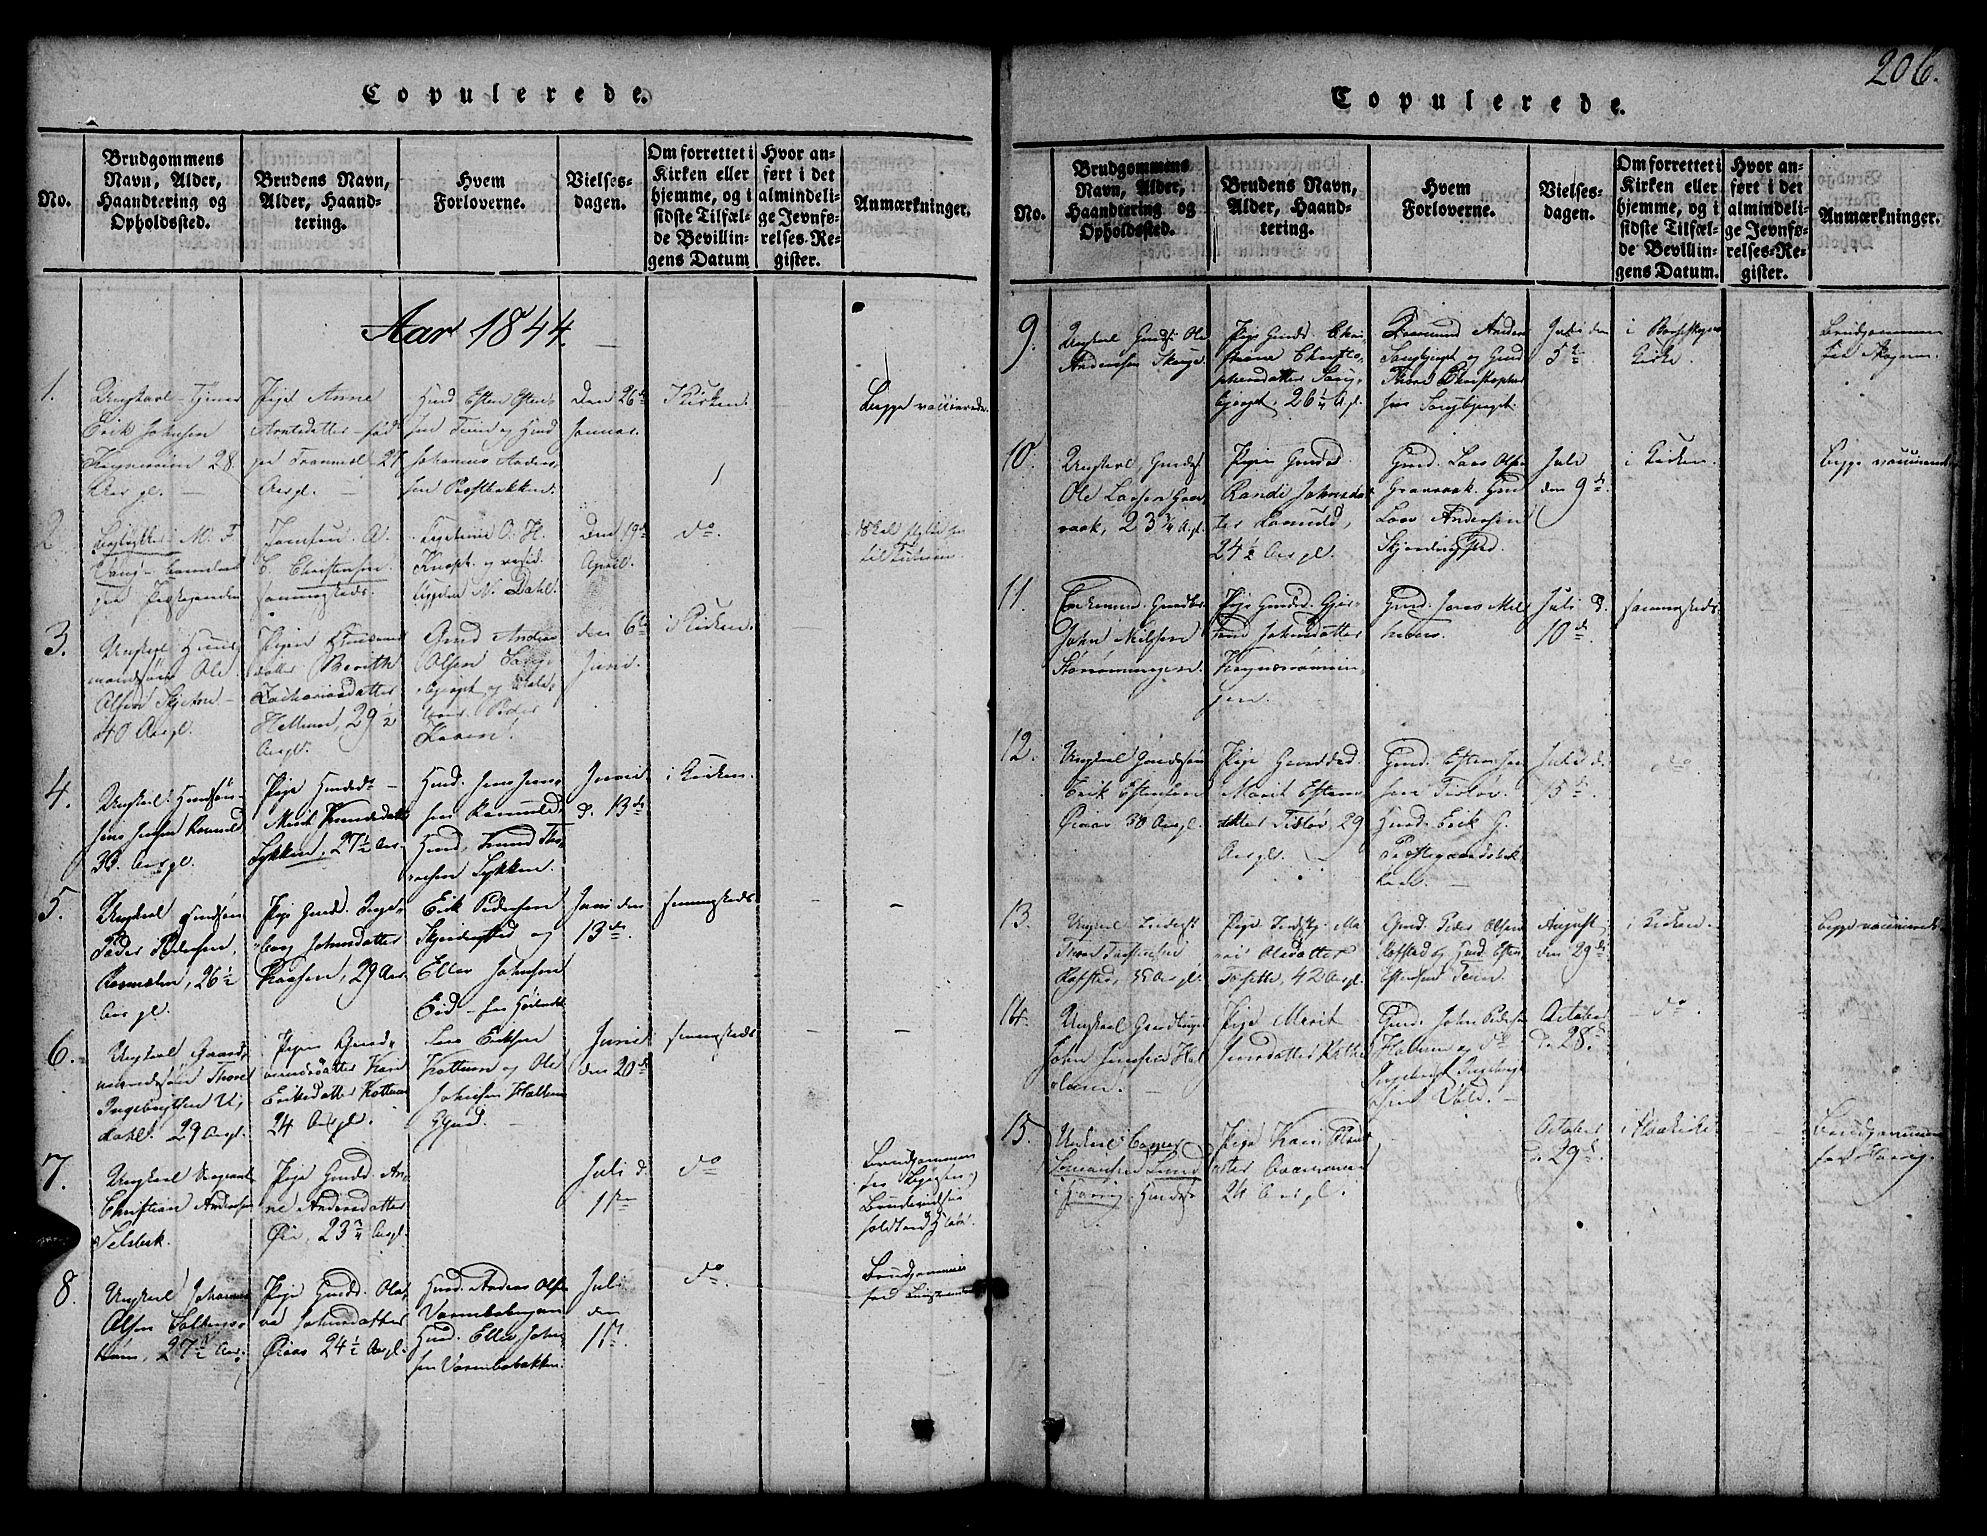 SAT, Ministerialprotokoller, klokkerbøker og fødselsregistre - Sør-Trøndelag, 691/L1092: Klokkerbok nr. 691C03, 1816-1852, s. 206